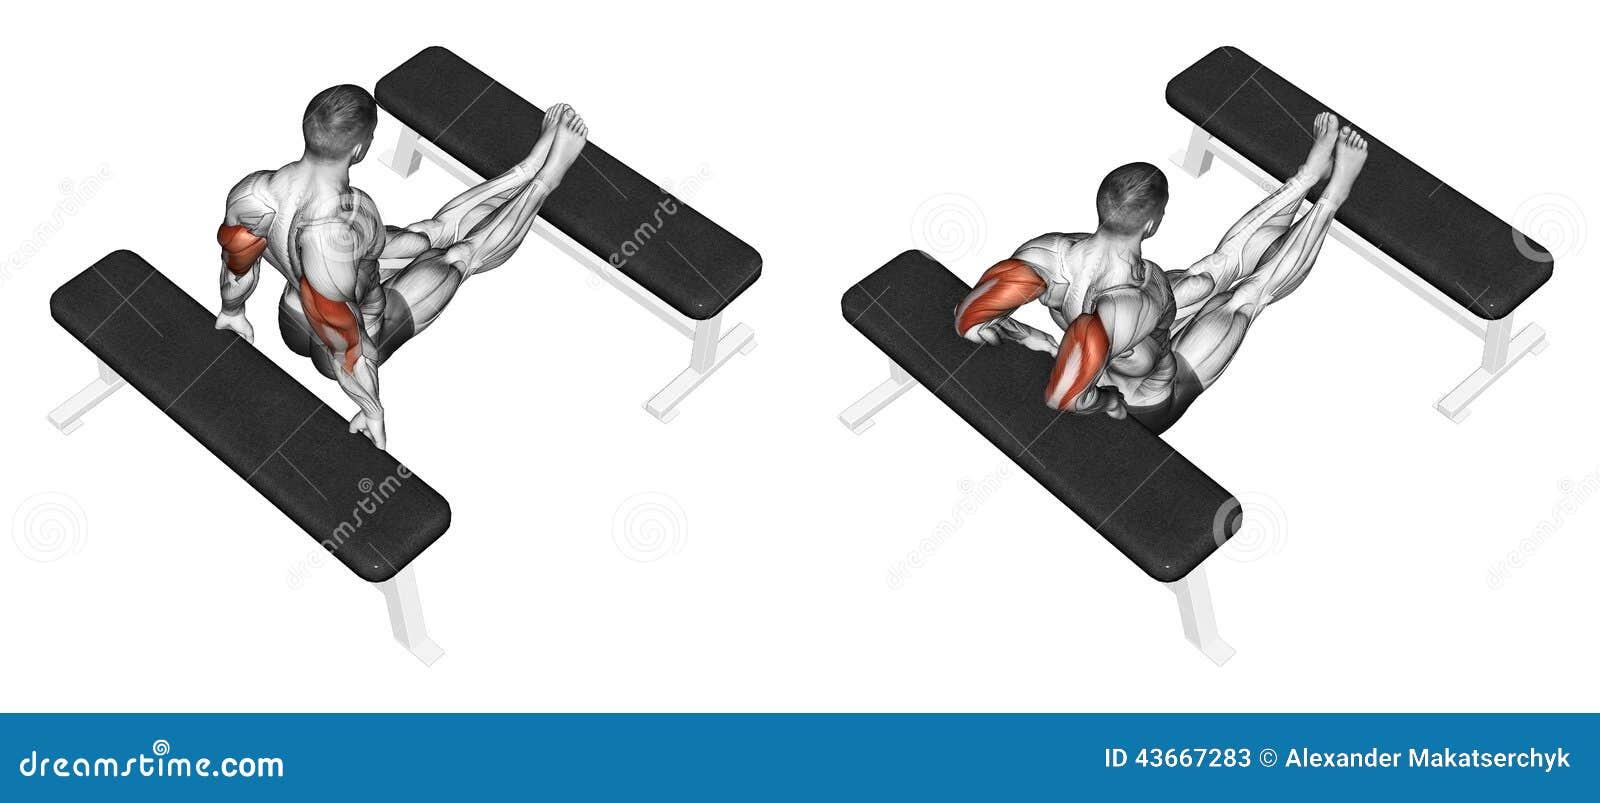 Exercising Exprimir el tríceps de nuevo al banco